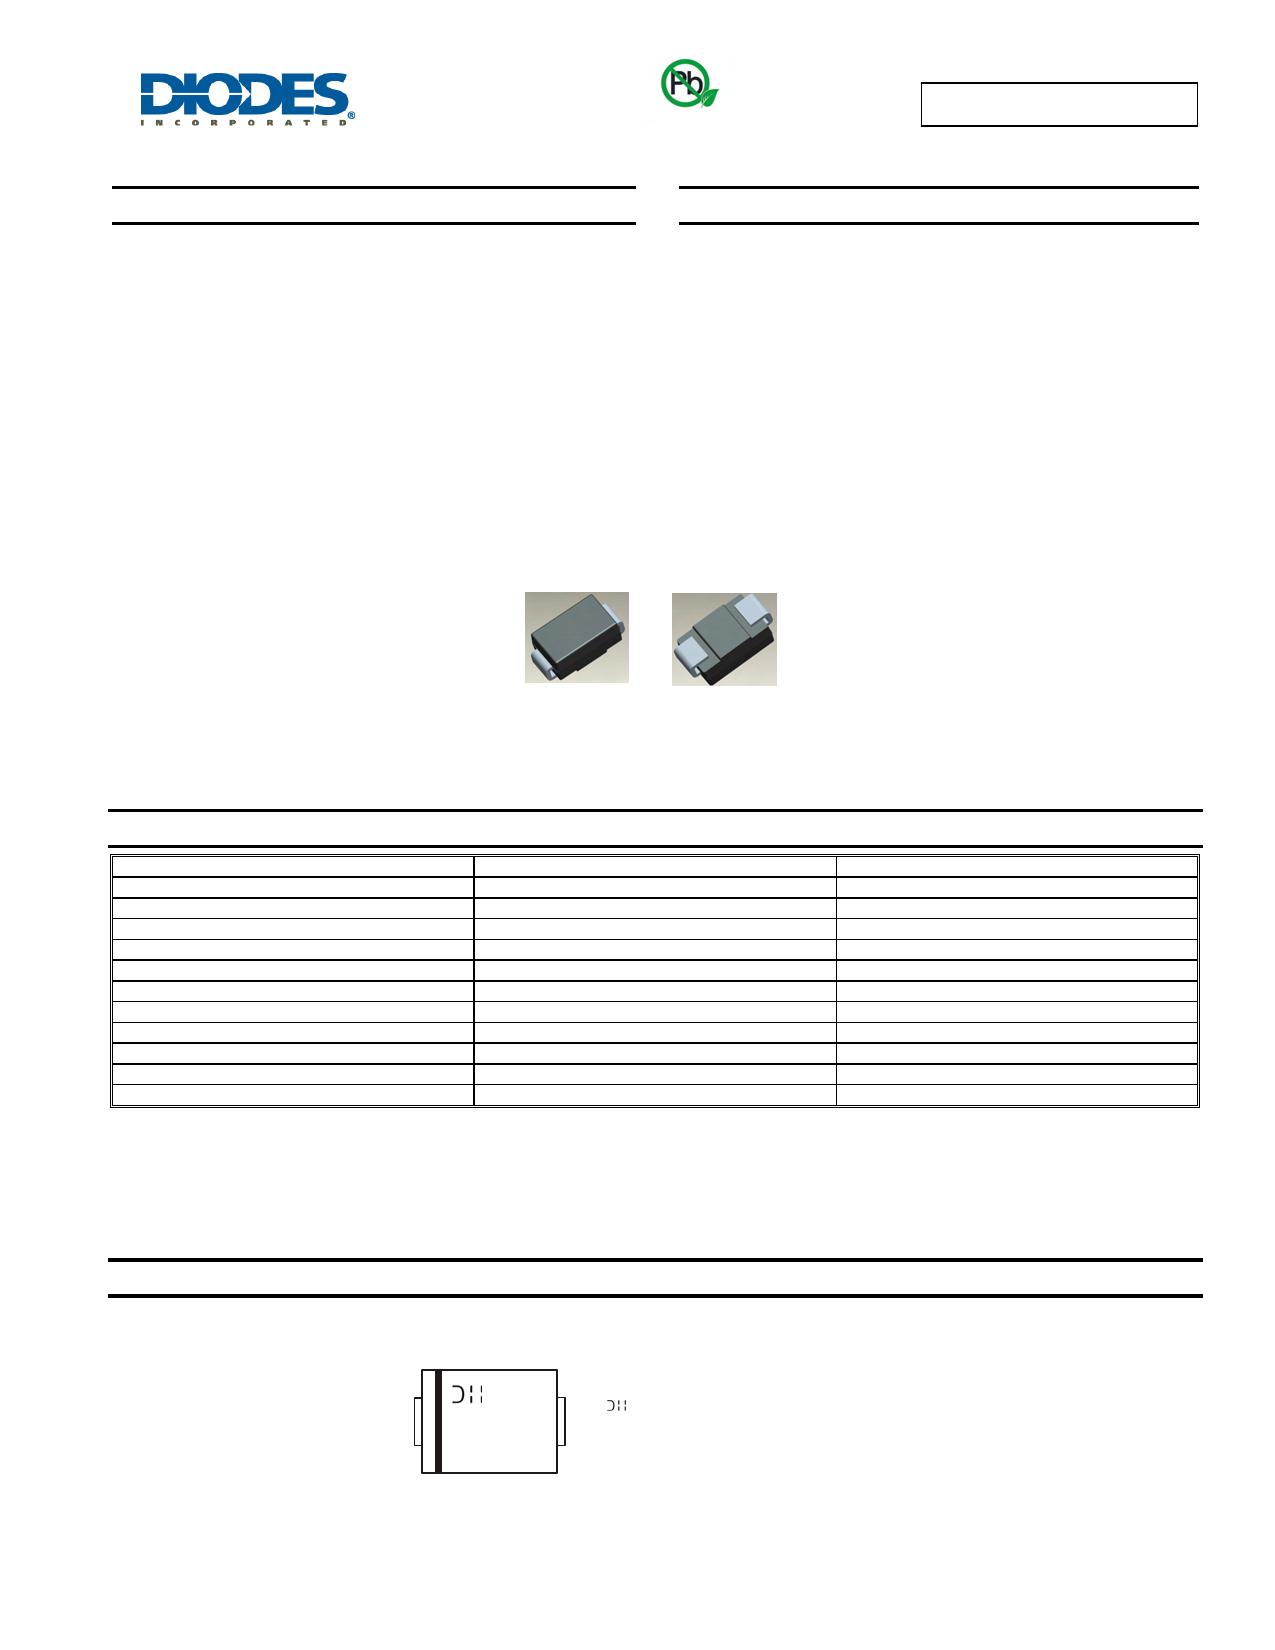 TB2600M datasheet pinout pdf